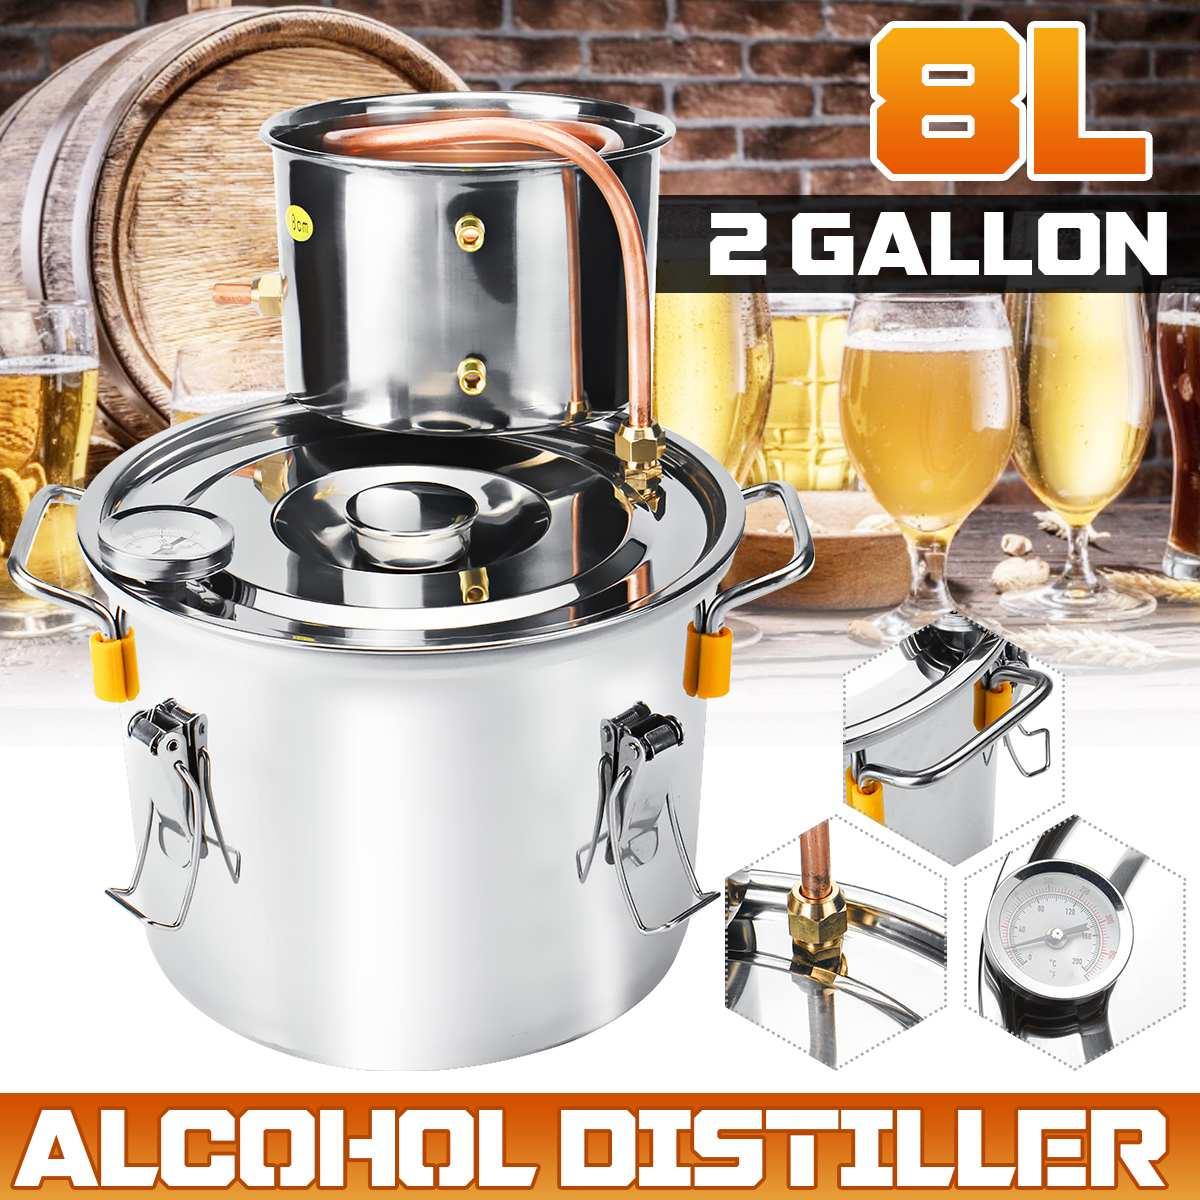 8L 2 جالون المقطر Alambic Moonshine الكحول لا يزال المقاوم للصدأ النحاس لتقوم بها بنفسك المنزل المشروب النبيذ المياه براندي زيت طبيعي طقم تخمير